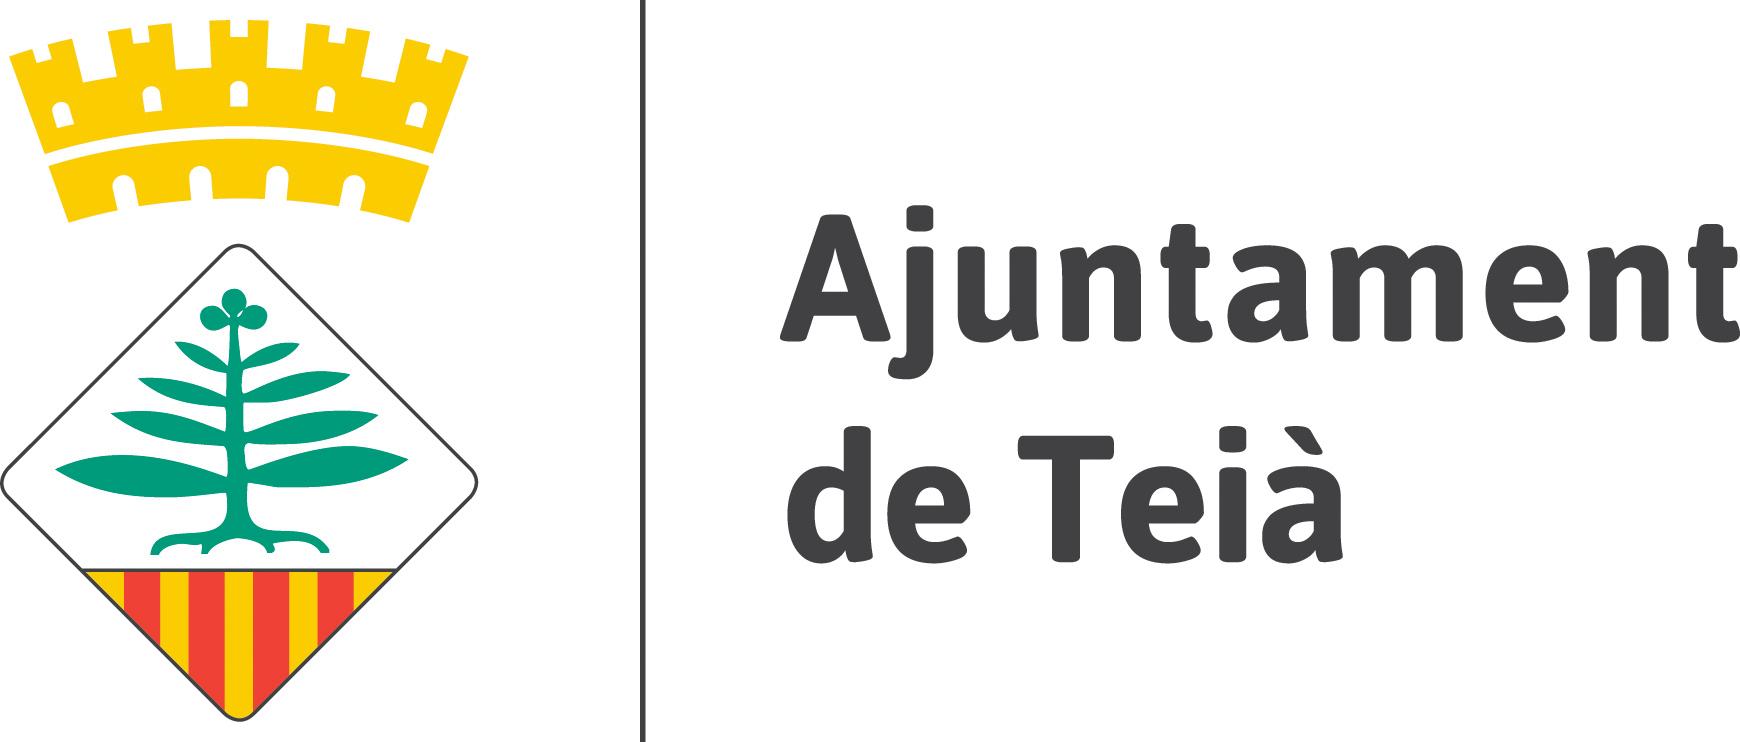 Botiga online. Ajuntament de Teià